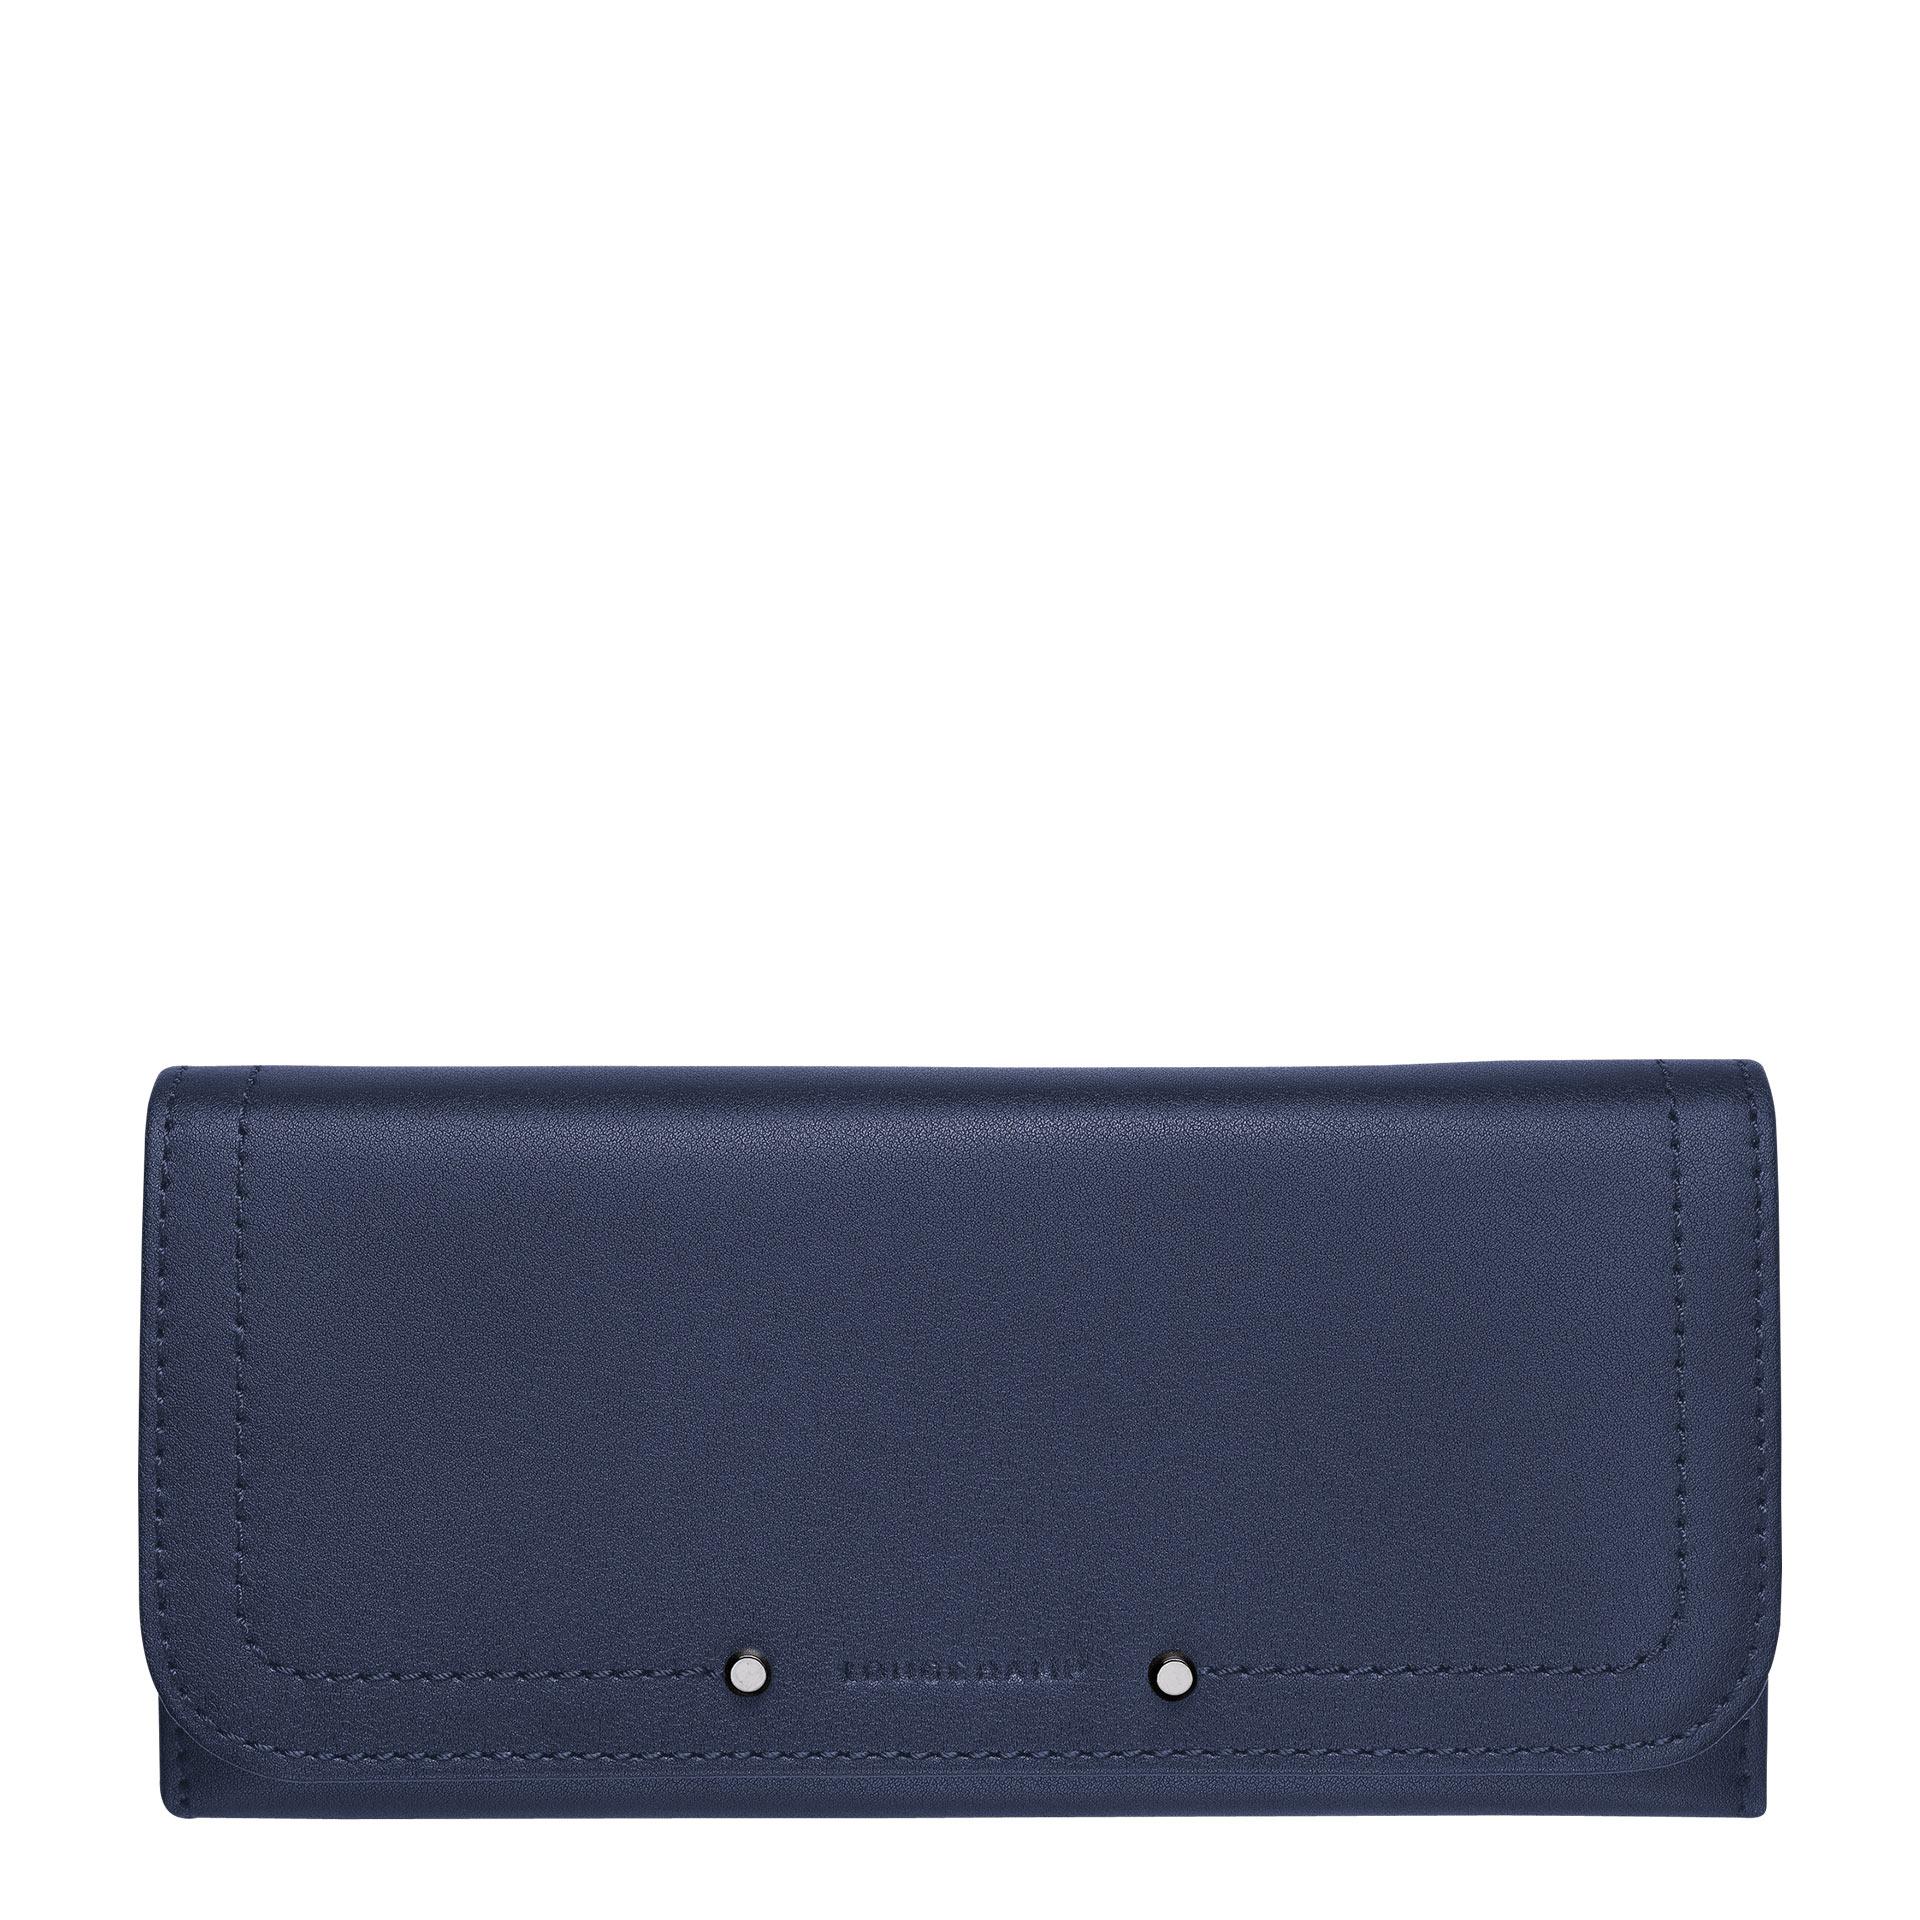 Longchamp Cavalcade Lange Geldbörse mit Überschlag navy